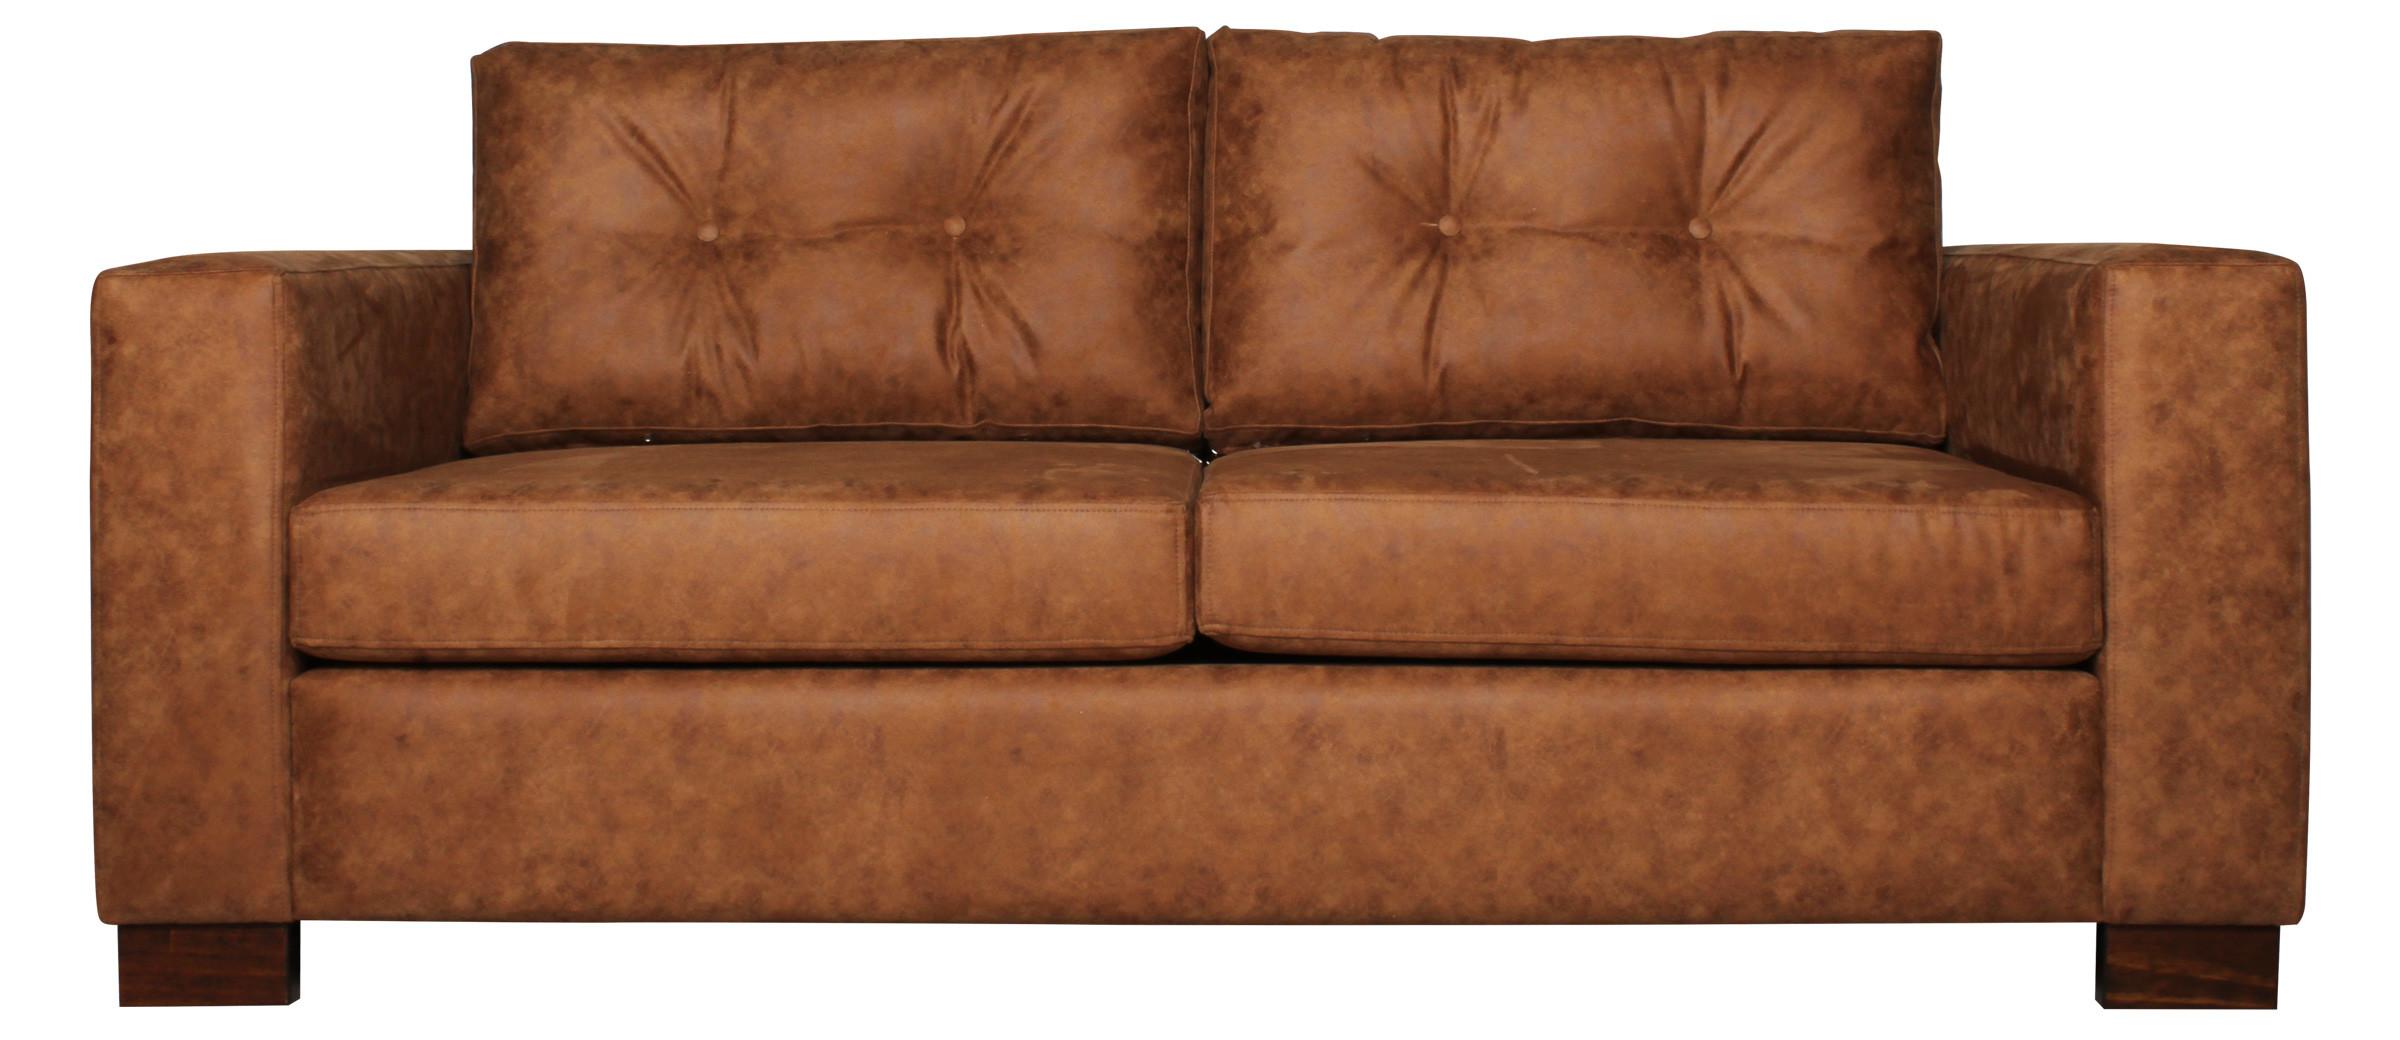 Sofa 200 Cms Cuero Bonded Cortado2